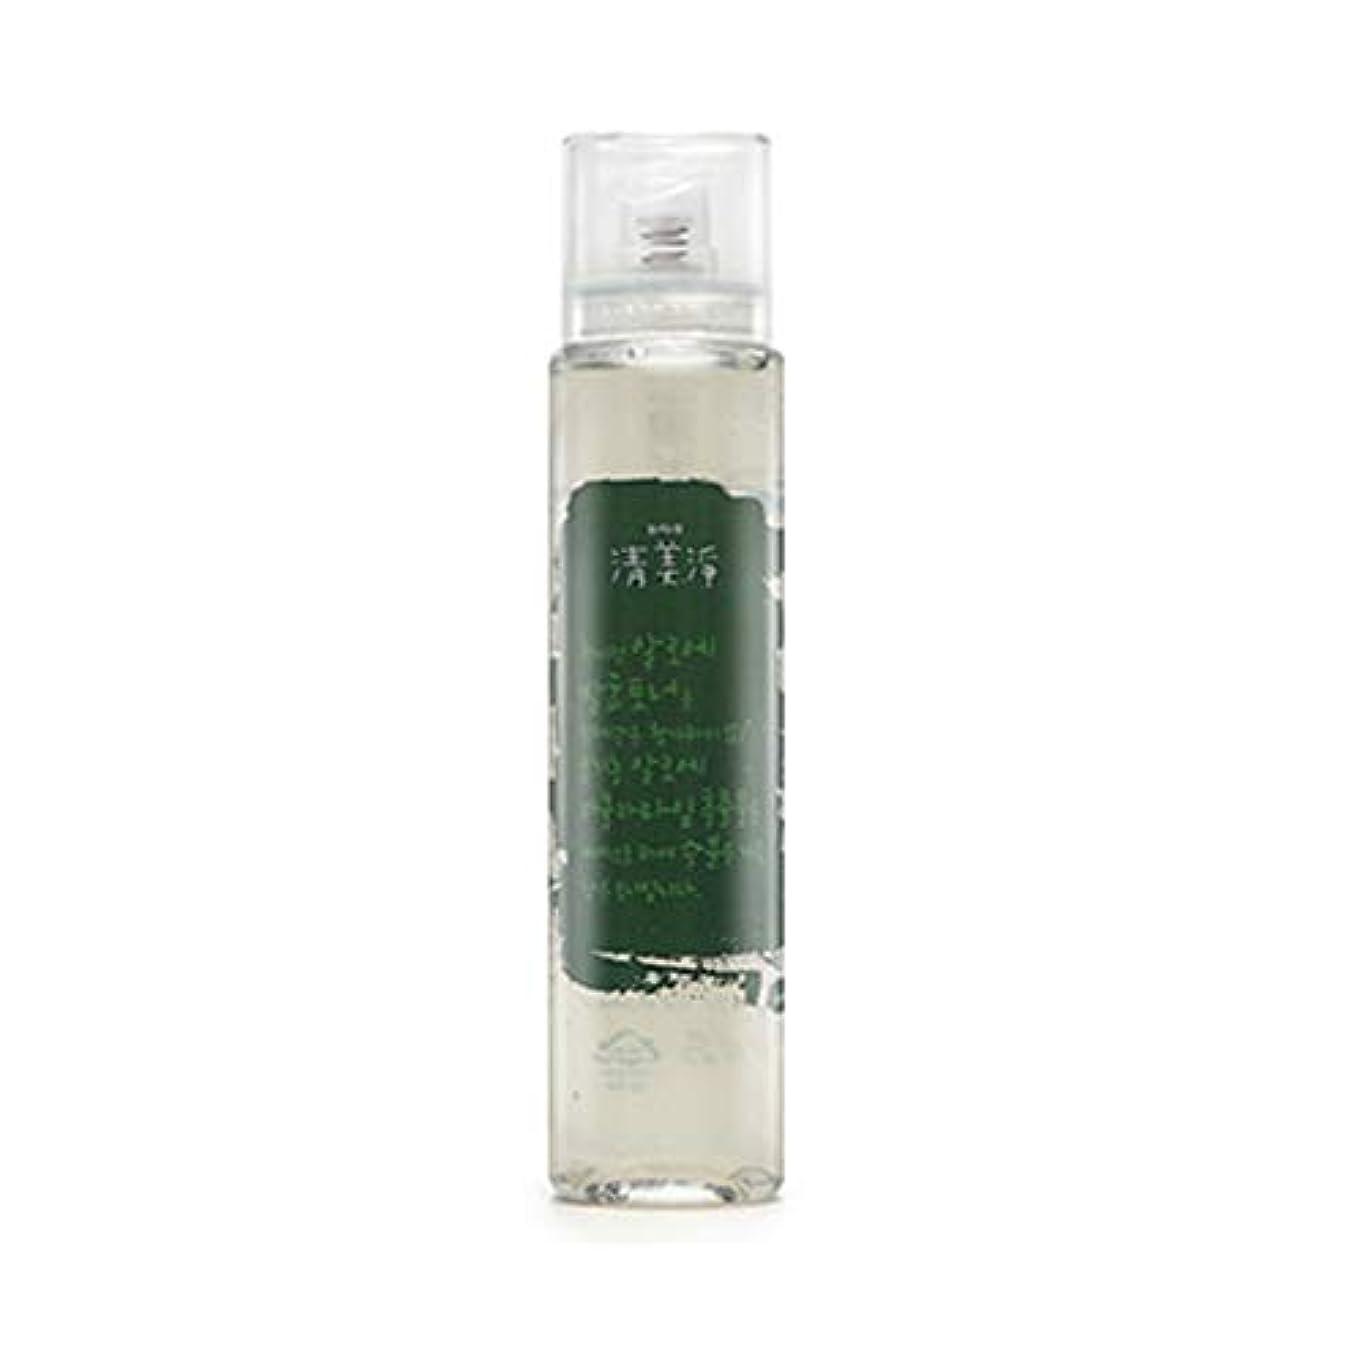 以内に馬鹿ペニー[ChungMiJung] 清美浄(チョンミジョン) アロエ発酵トナー 140ml Aloe Fermentation Toner - 98% Organic Faicial Toner Skin Refresher Korean...